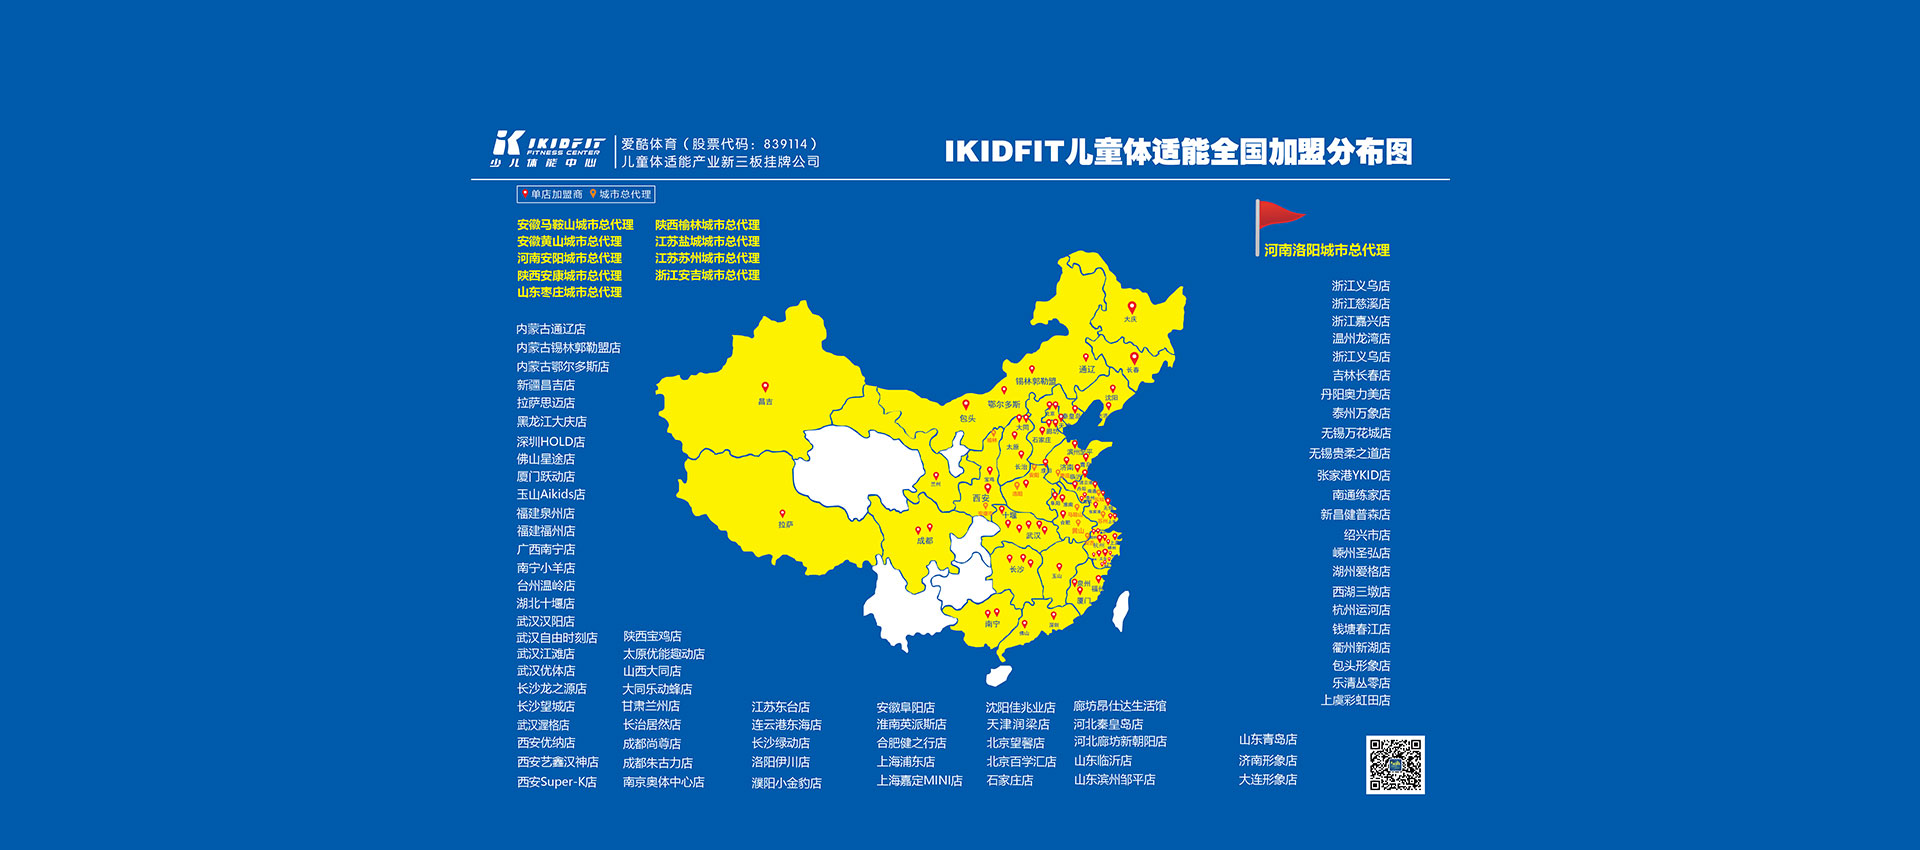 爱酷(北京)体育文化股份有限公司